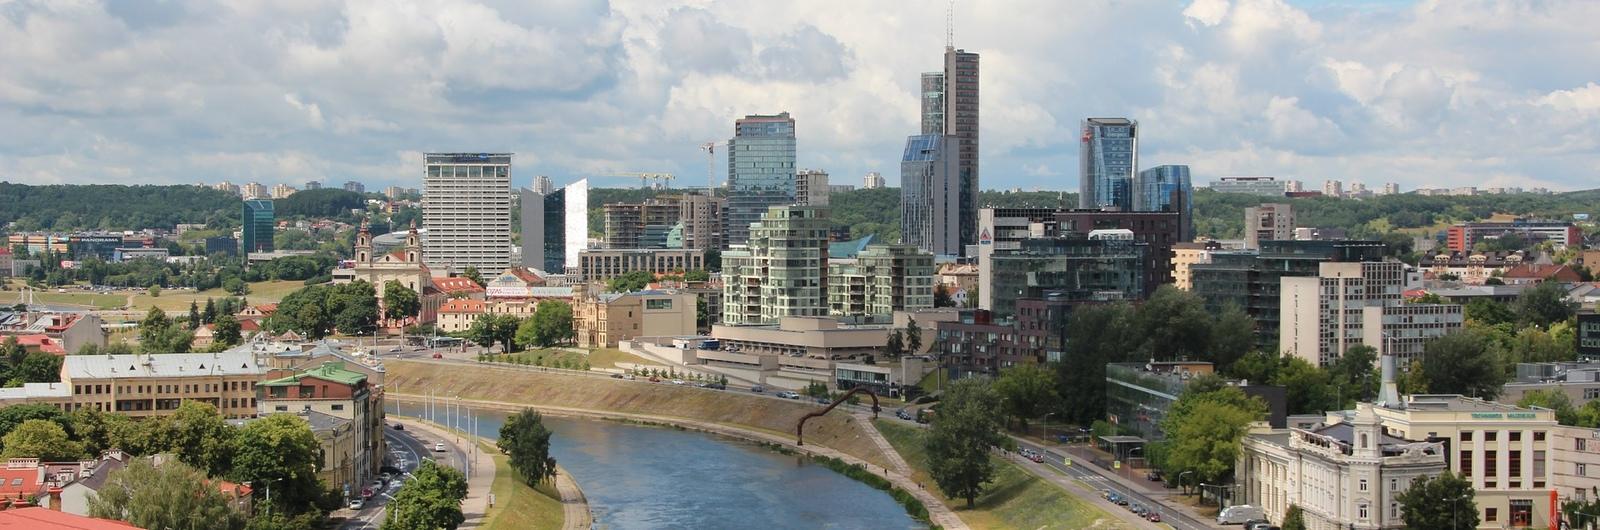 vilnius city header